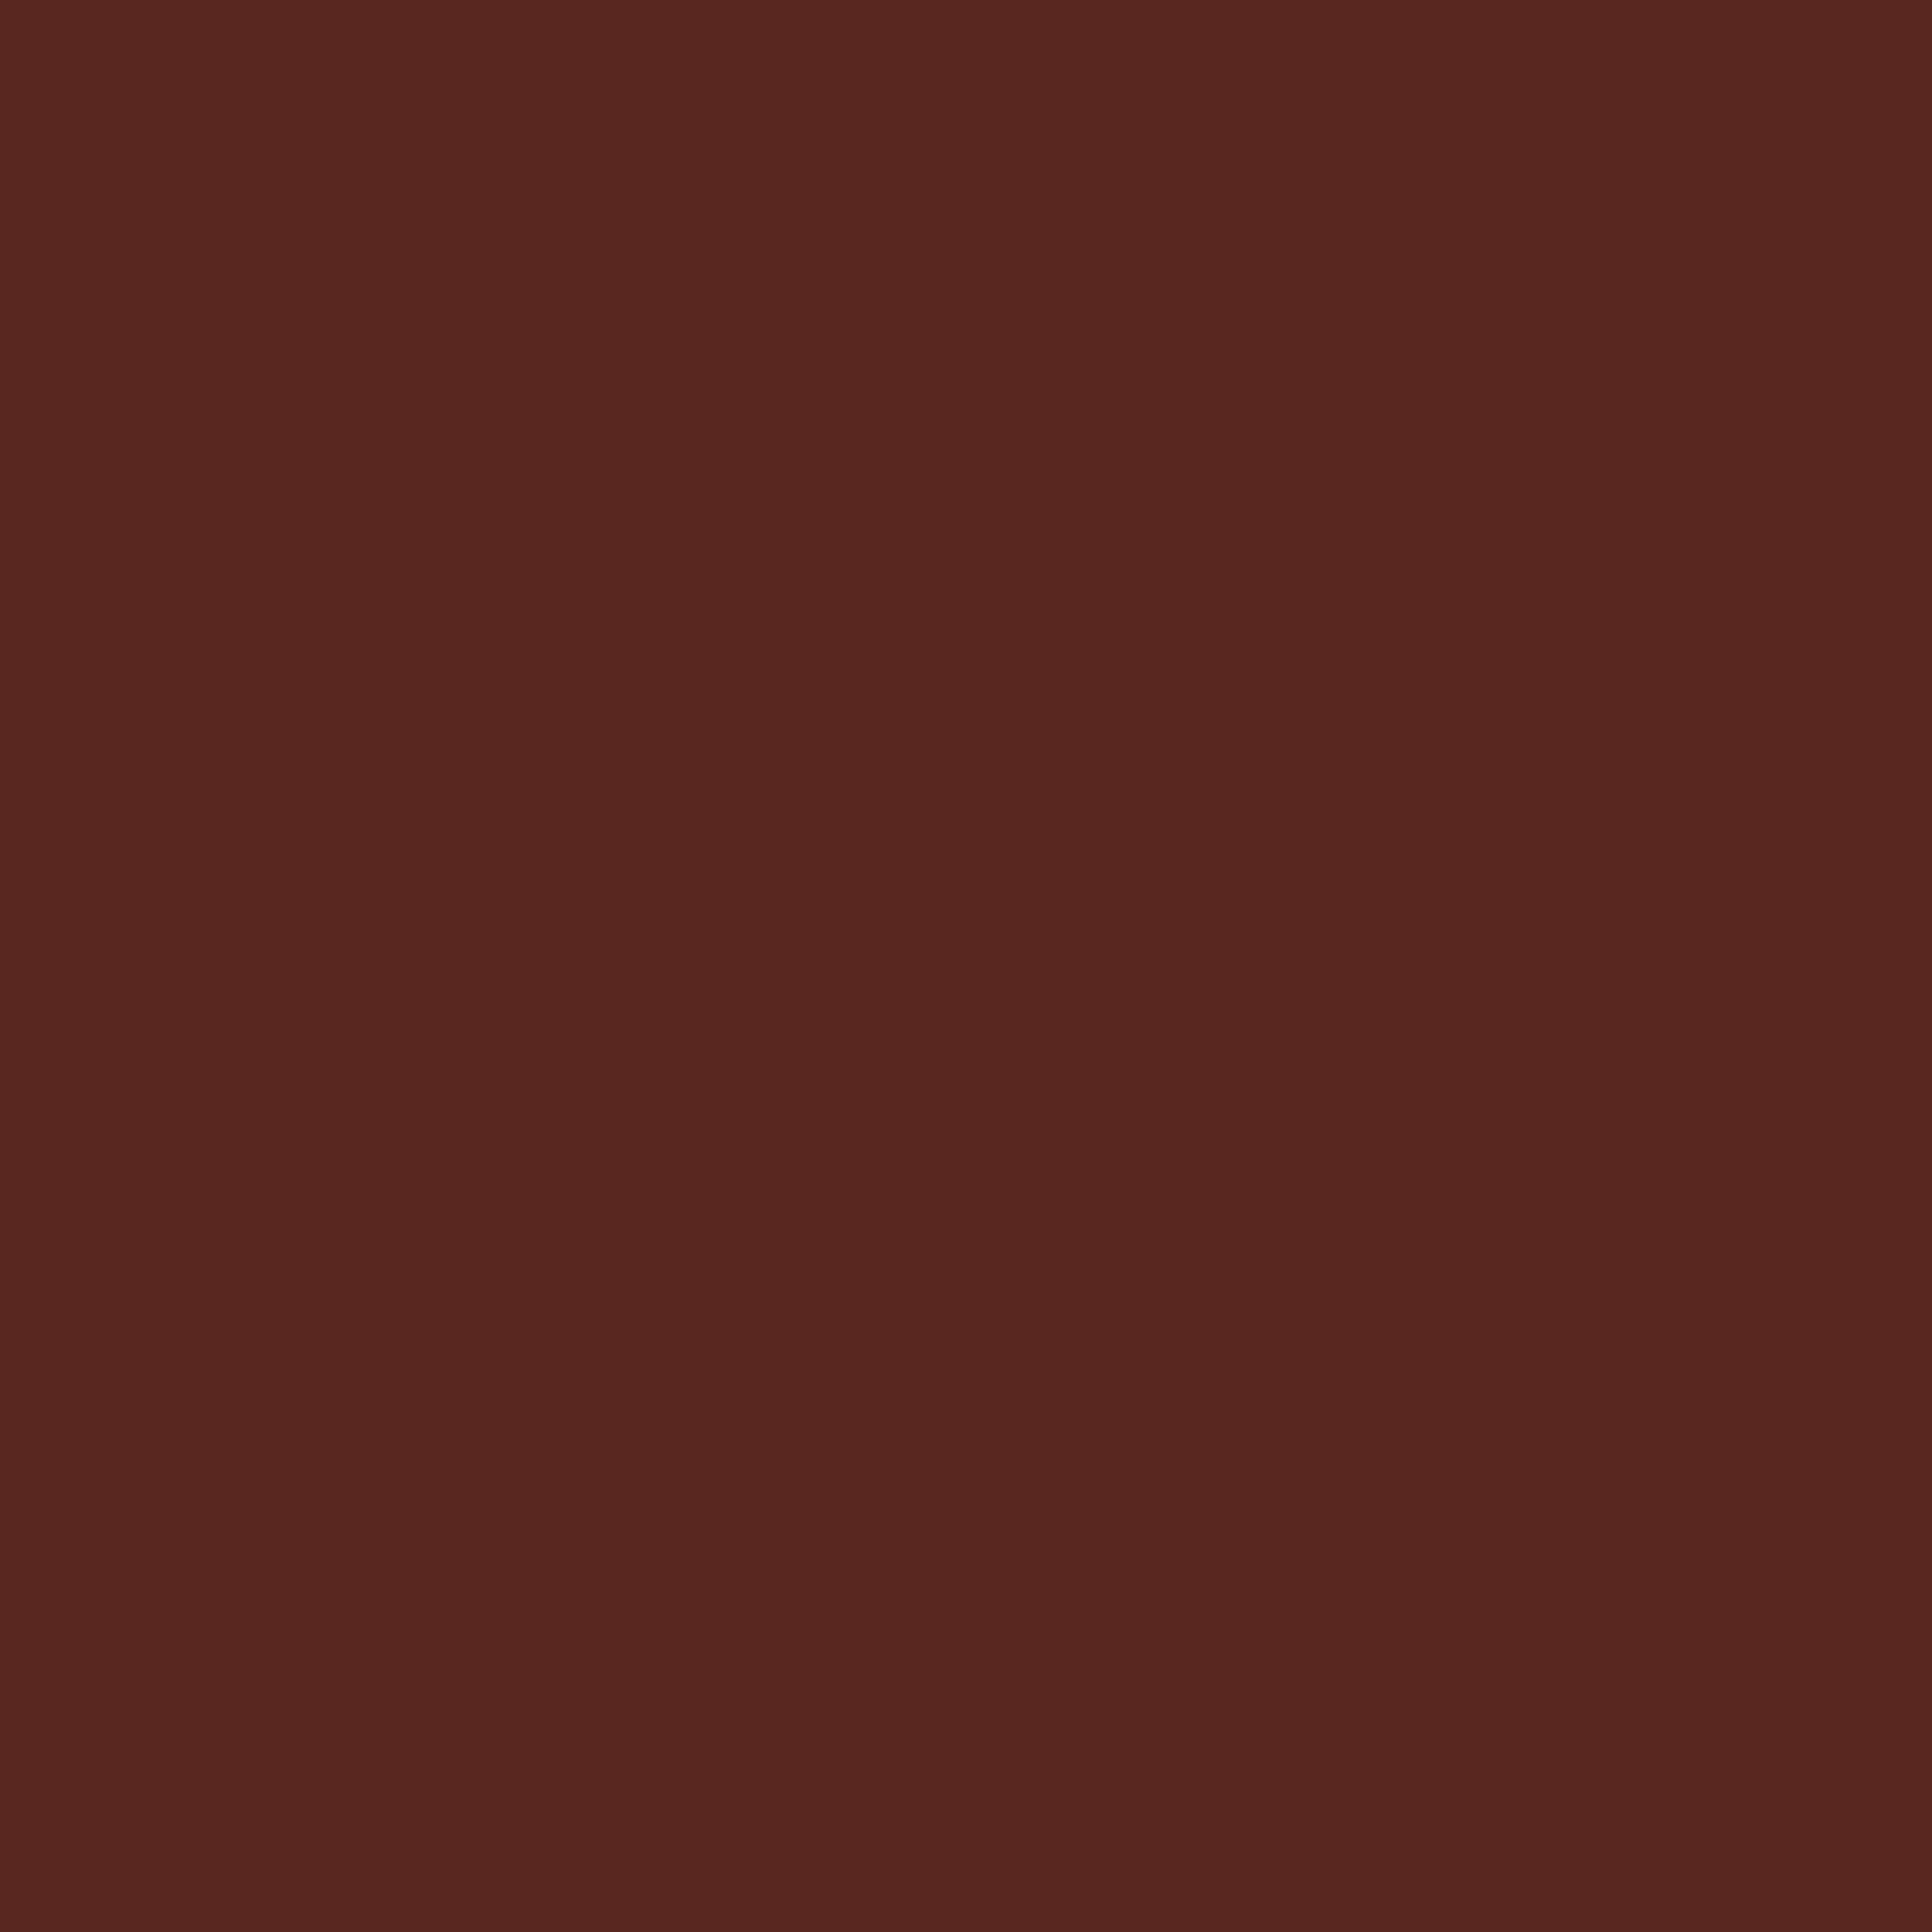 2048x2048 Caput Mortuum Solid Color Background